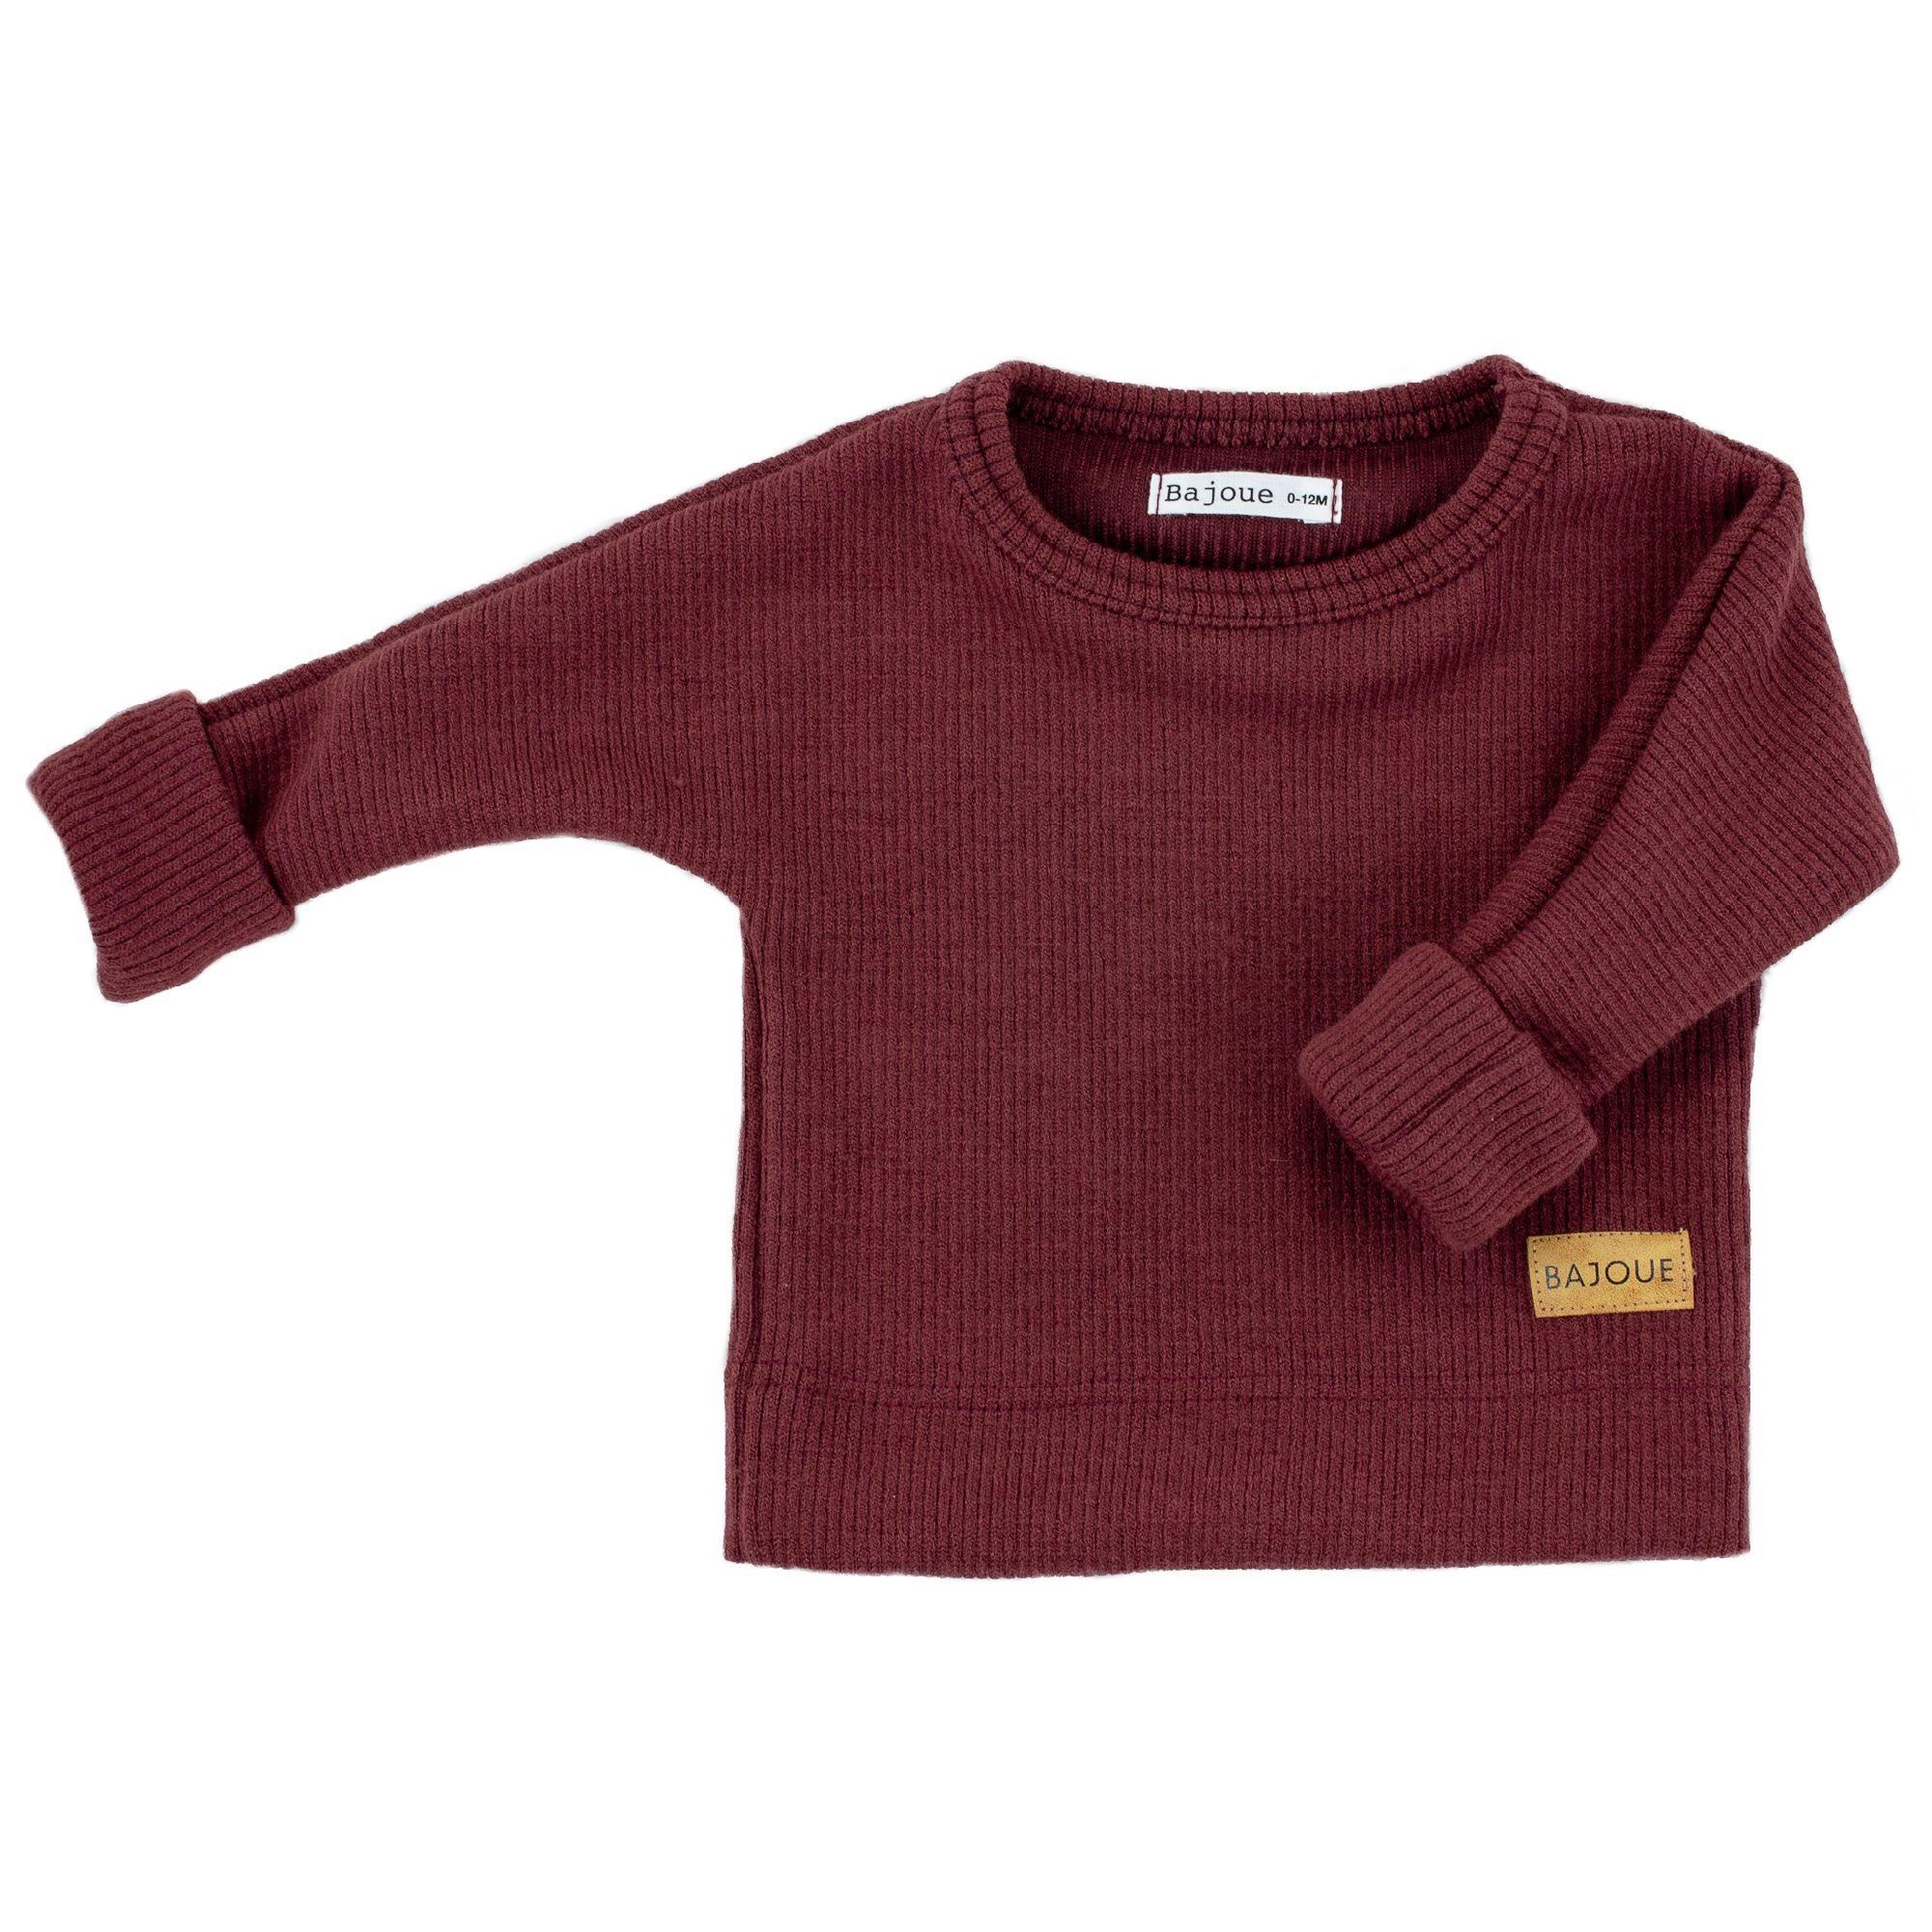 Bajoue Bordeaux Evolutive Sweater